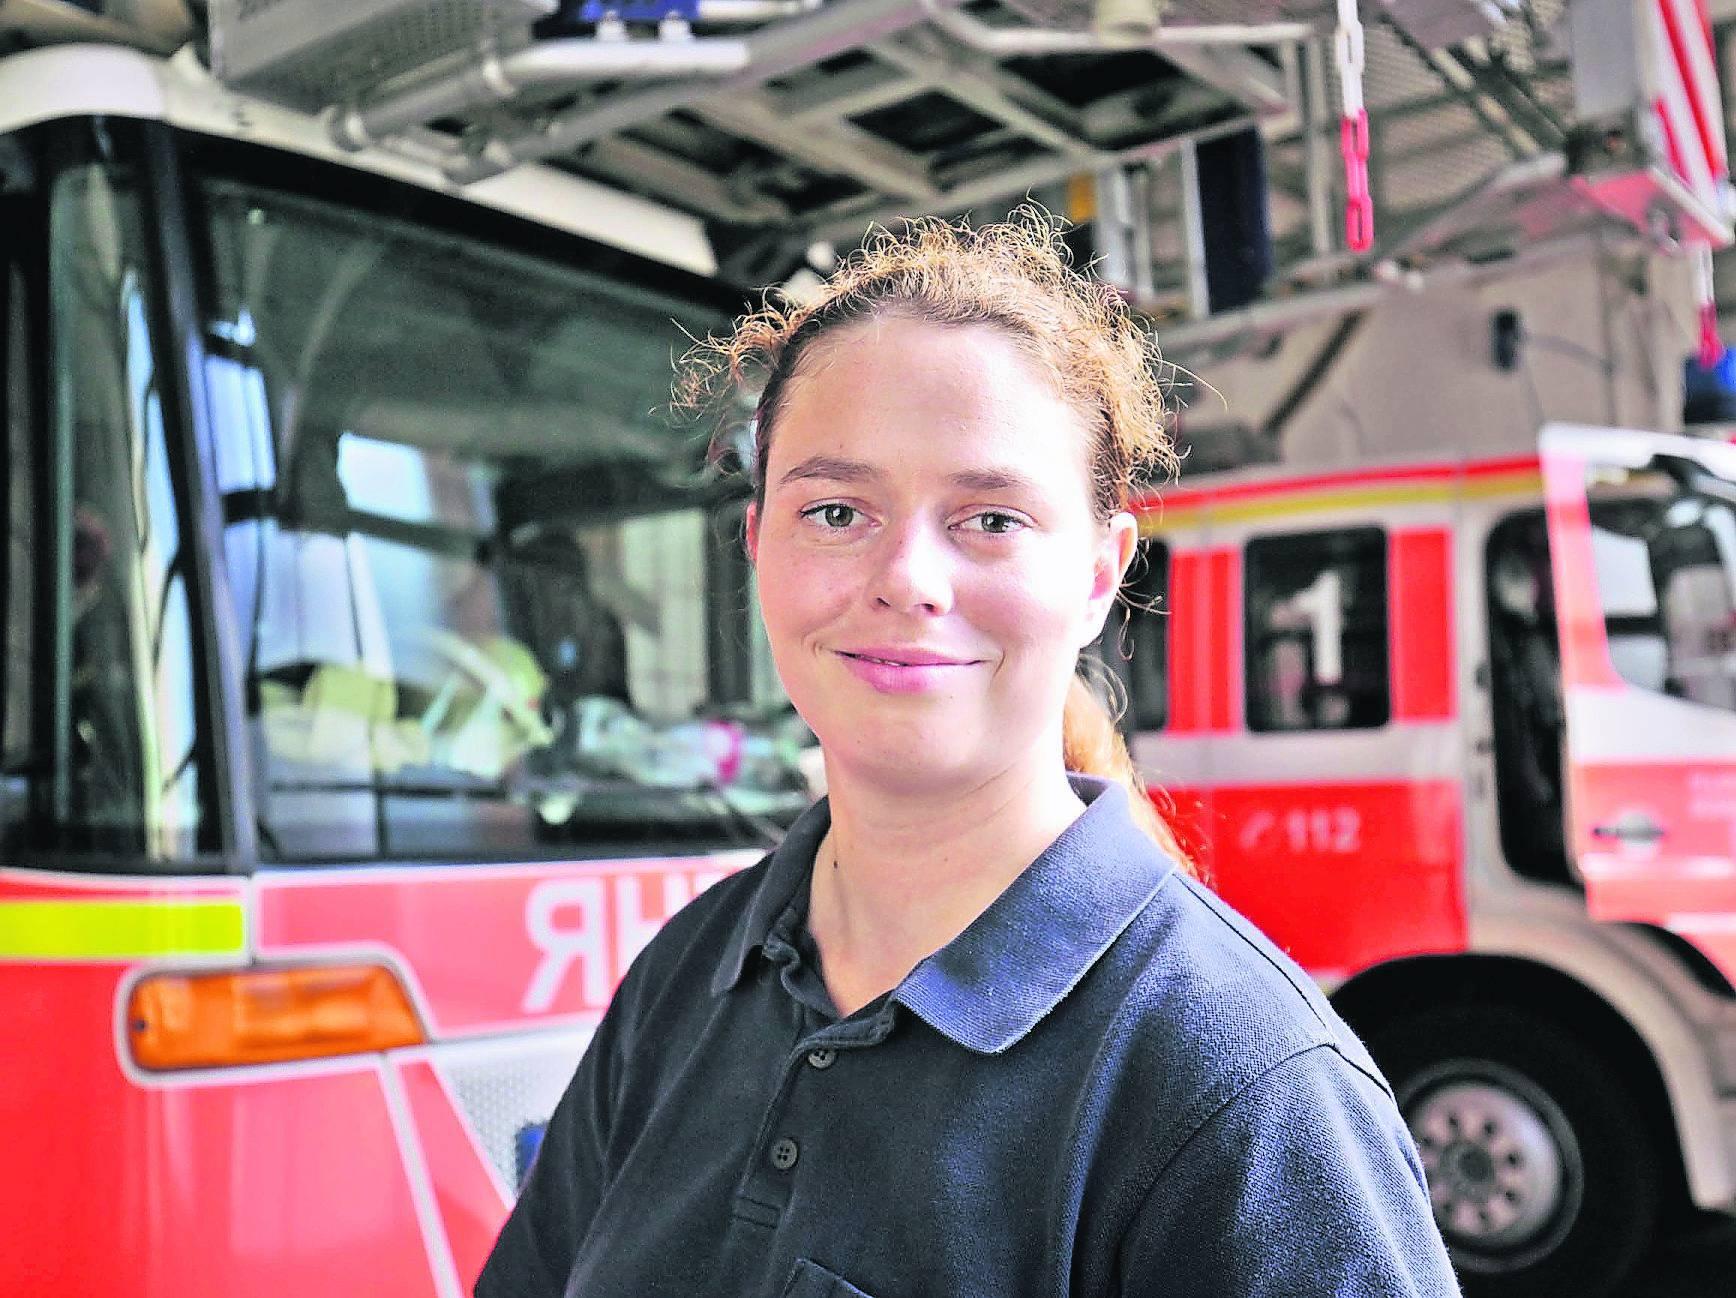 Bei der Feuerwehr Düsseldorf arbeiten nur vier Frauen